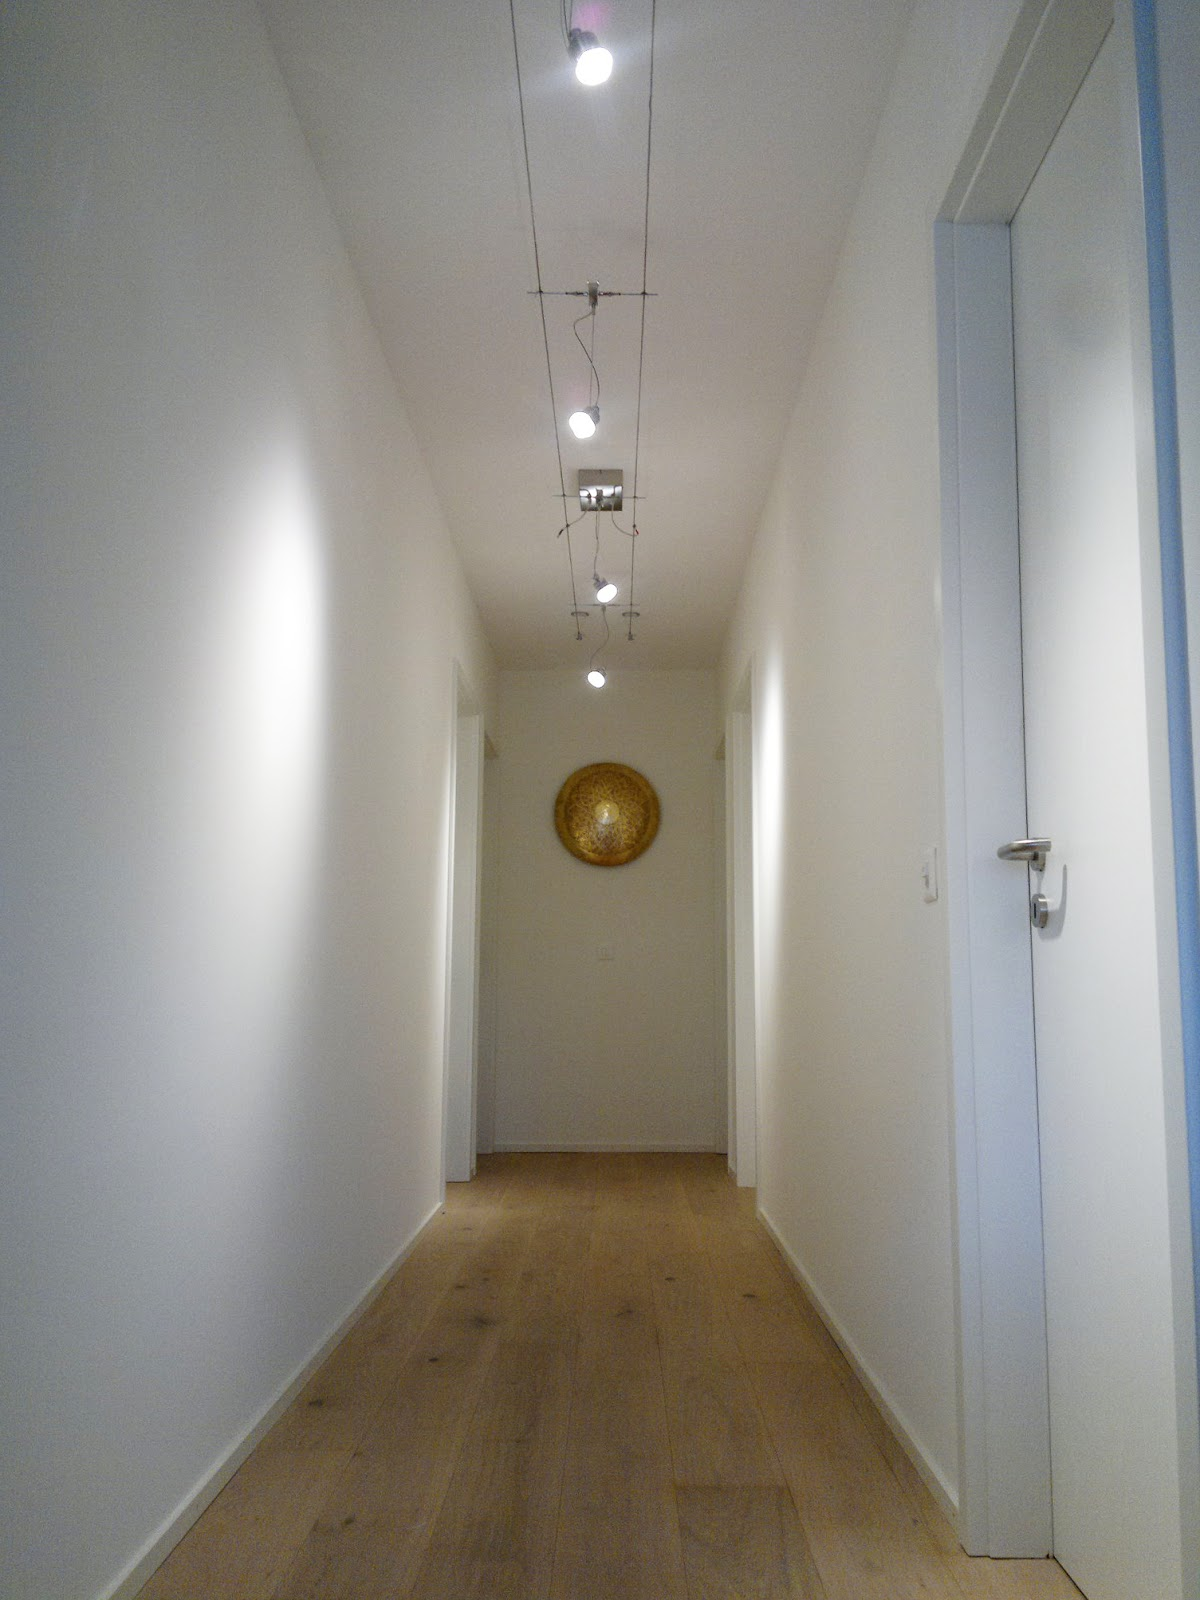 Illuminazione led casa montreux illuminazione led in un for Illuminazione interni casa